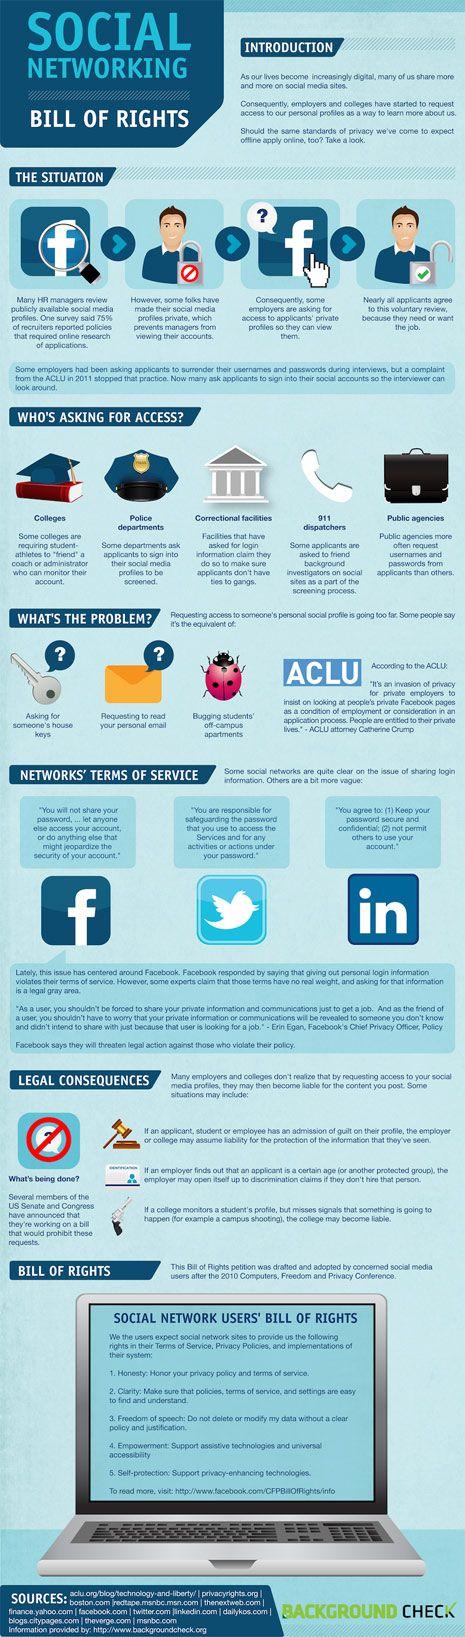 Rights of social media - definitely interesting.